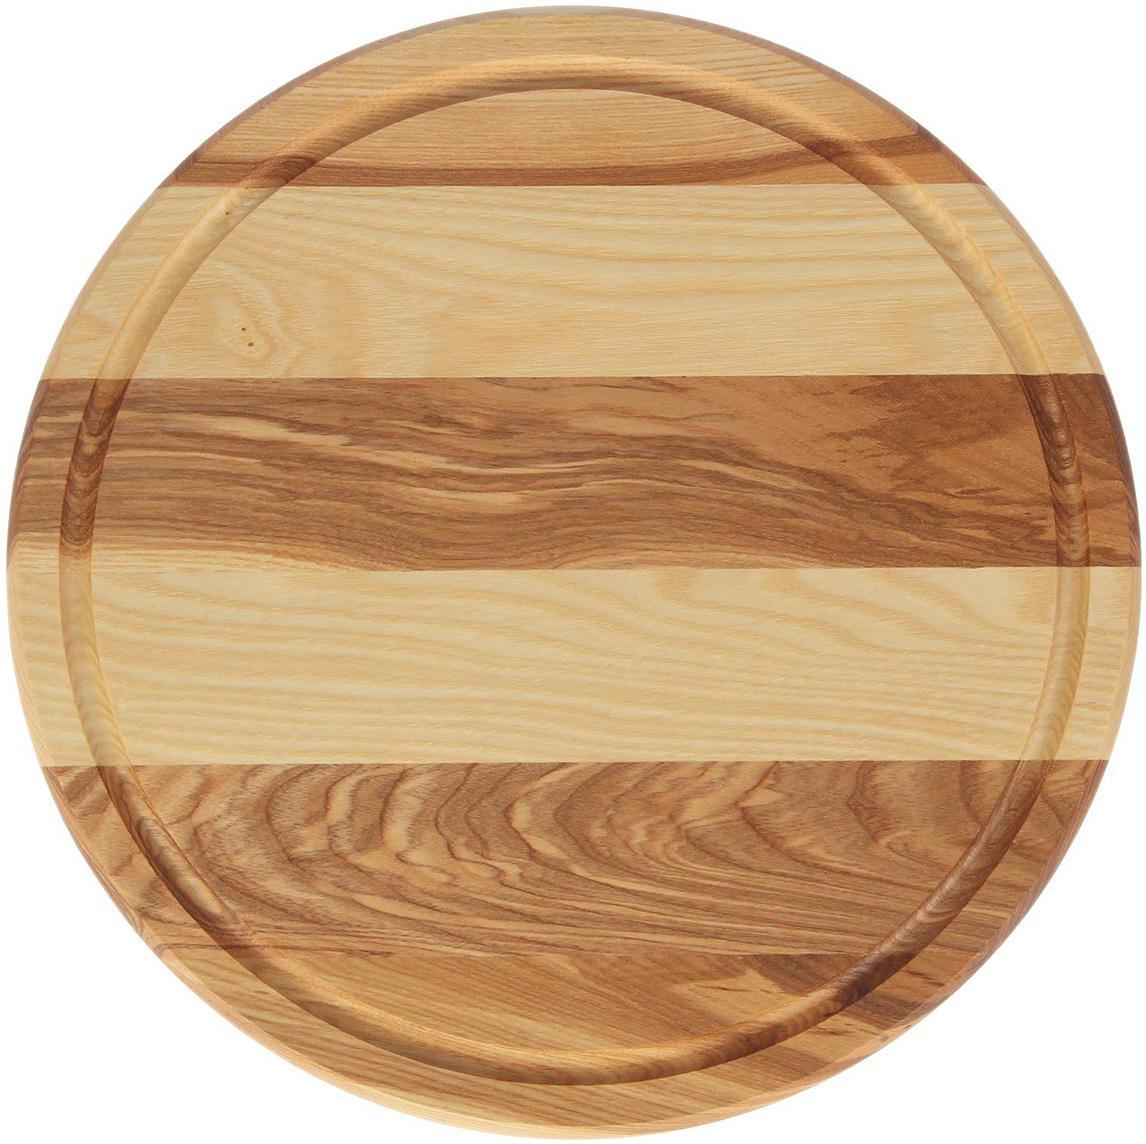 Доска для пиццы Доброе дерево, диаметр 30 см1893046Такую разделочную доску можно использовать и в качестве подноса. Подавпиццу таким образом, вы удивите своих гостей. Изделие выполнено из древесины твердых пород, которые менеечувствительны к влаге. Этот материал имеет больший срок службы. Такжетакая древесина приспособлена для ежедневной нарезки твердых продуктов. Уход за деревянной разделочной доской: Обработайте перед первым применением. Используйте пищевоеминеральное или льняное масло. Протрите им доску и дайте впитаться вдревесину. Уберите излишки масла сухой тканью. Повторяйте процедурукаждые 2-3 месяца, так вы предотвратите появление пятен, плесени изапахов еды. Для сохранения гладкости протирайте изделие наждачной бумагой. Используйте несколько разделочных досок для разного вида пищи. Этопрепятствует распространению бактерий сырых продуктов. Тщательно мойте и дезинфицируйте разделочную доску мылом и горячейводой после каждого использования. После этого высушите. Чтобы избавиться от запаха чеснока или лука, смажьте доску солью слимоном. Через пару минут протрите поверхность и промойте ее. Храните доску в сухом месте в вертикальном положении и вдали отпосторонних запахов. Соблюдайте рекомендации, и разделочная доска прослужит вам долгие годы!